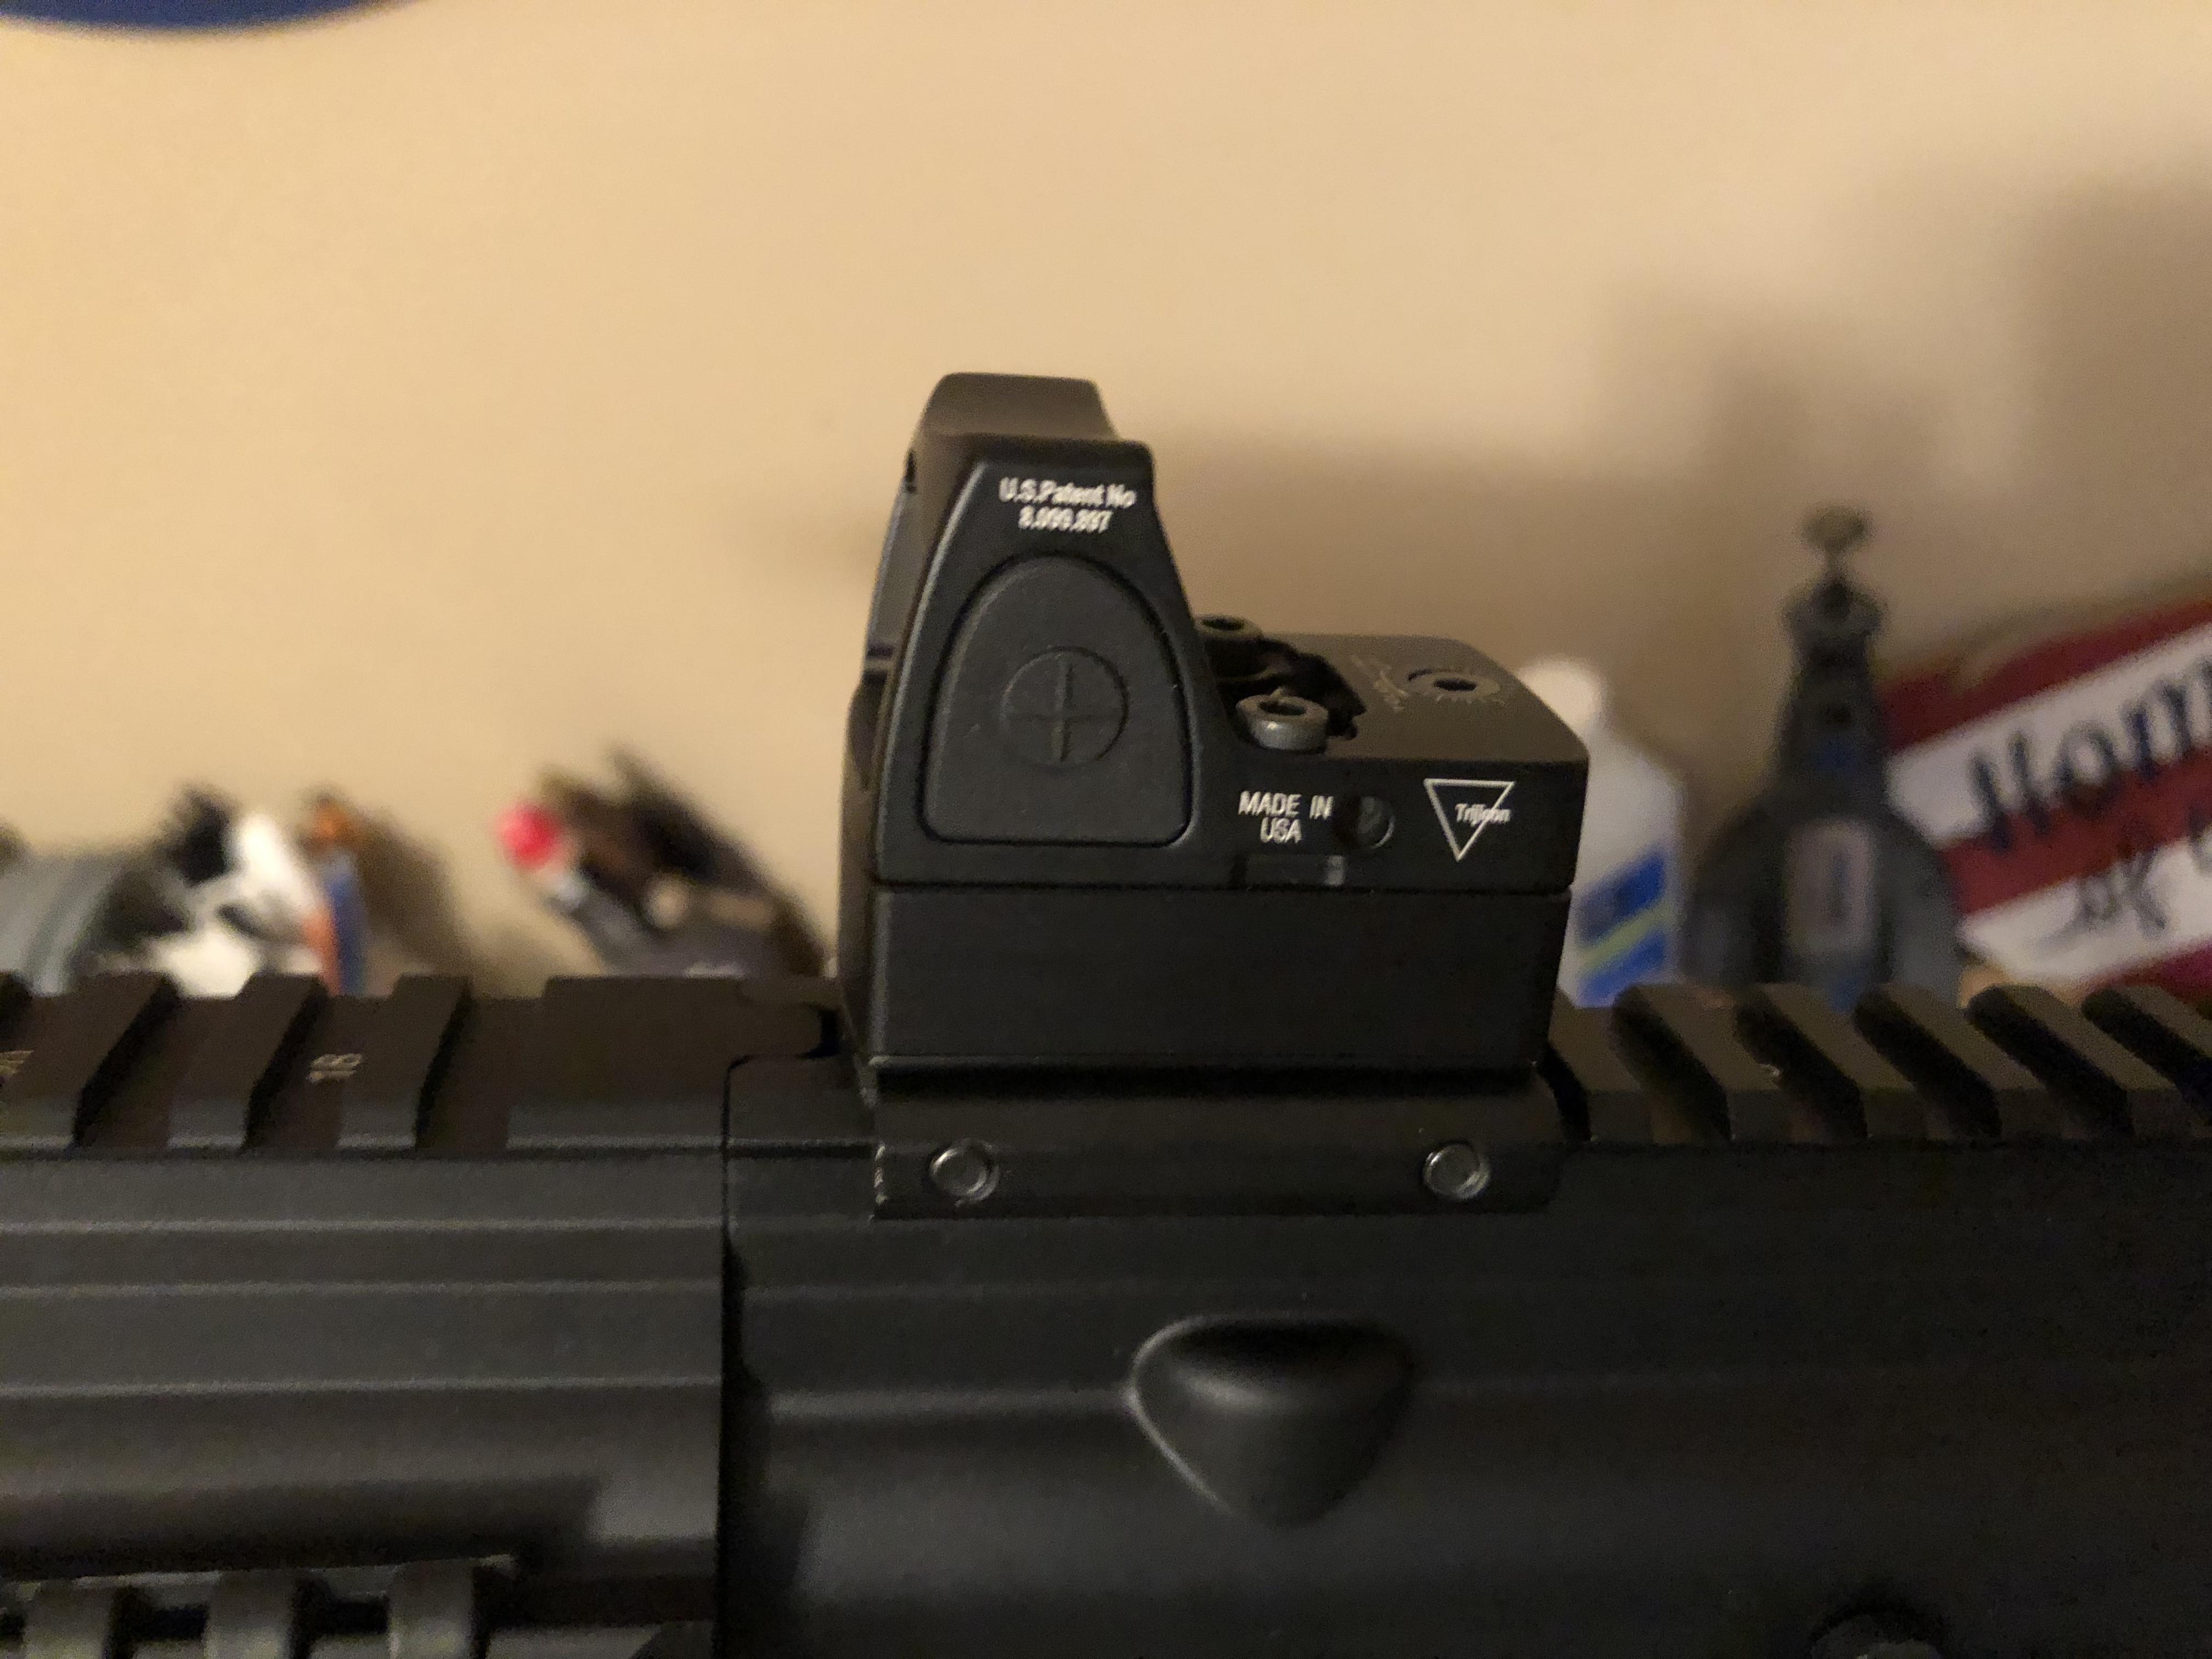 Hk 416 22lr pistol   Mississippi Gun Owners - Community for